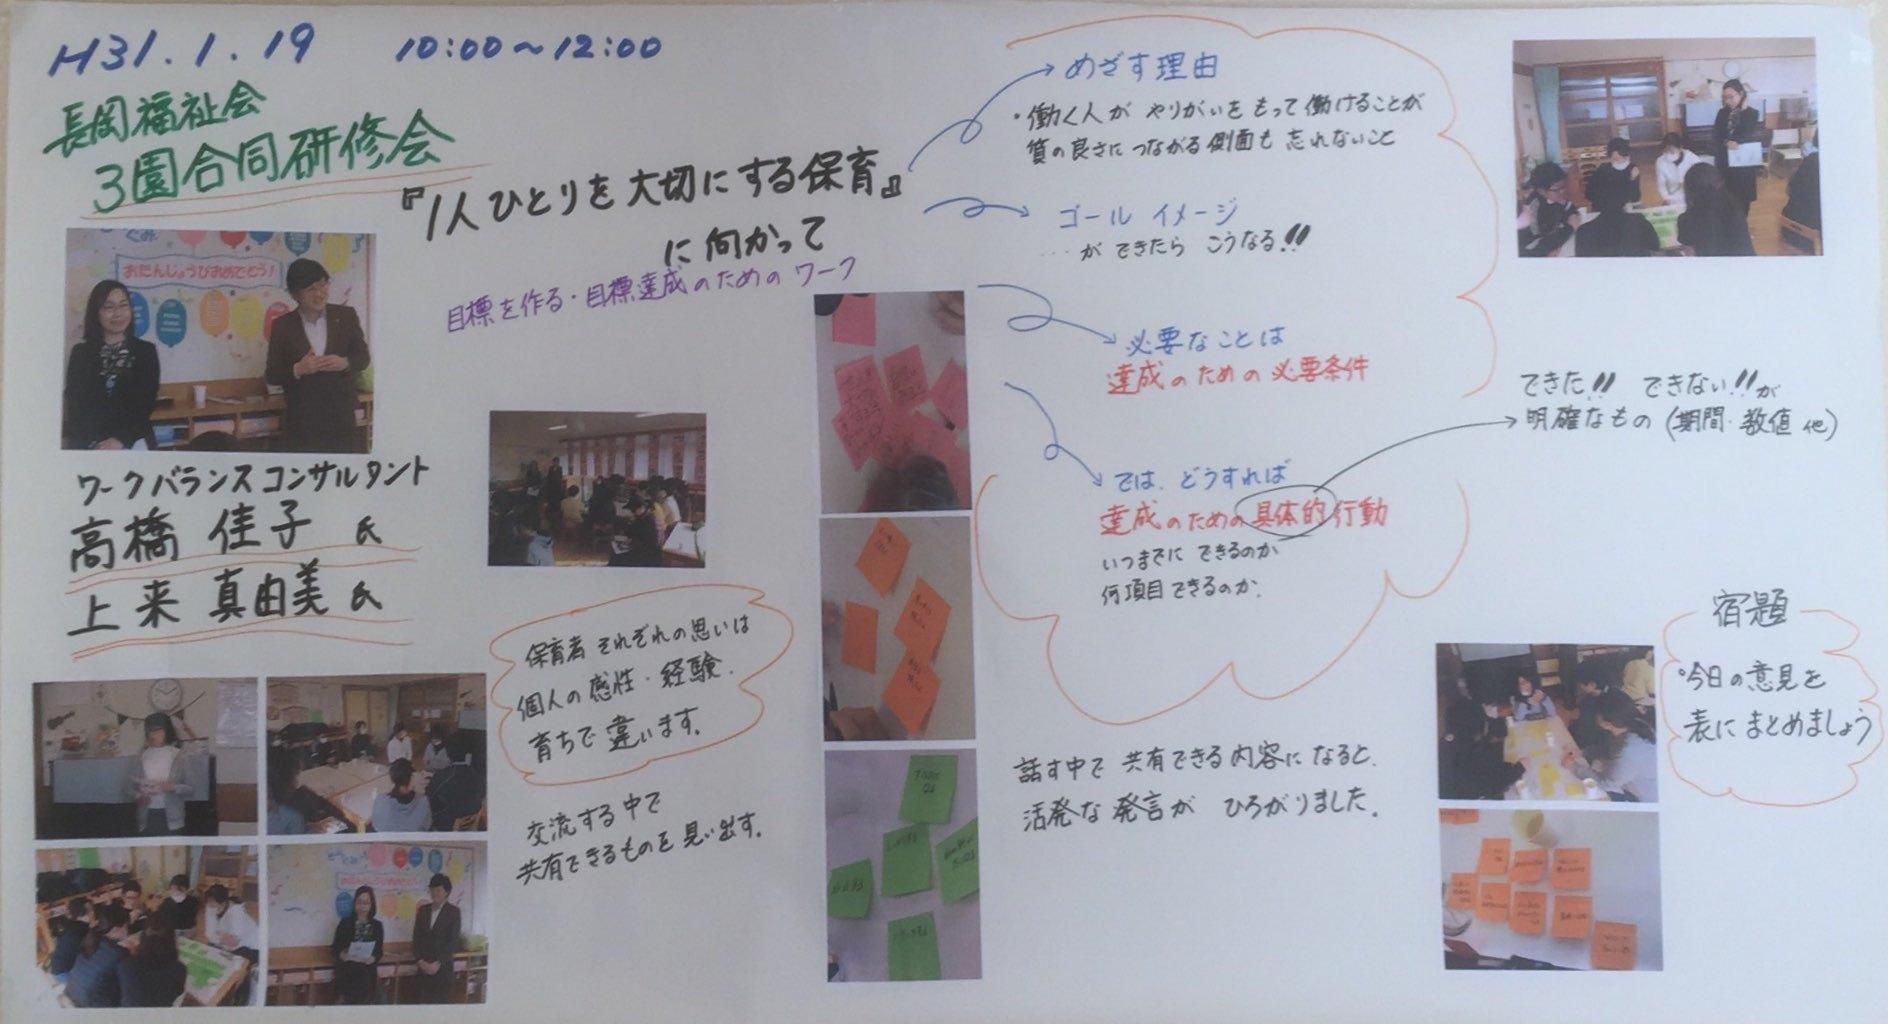 長岡福祉会法人研修